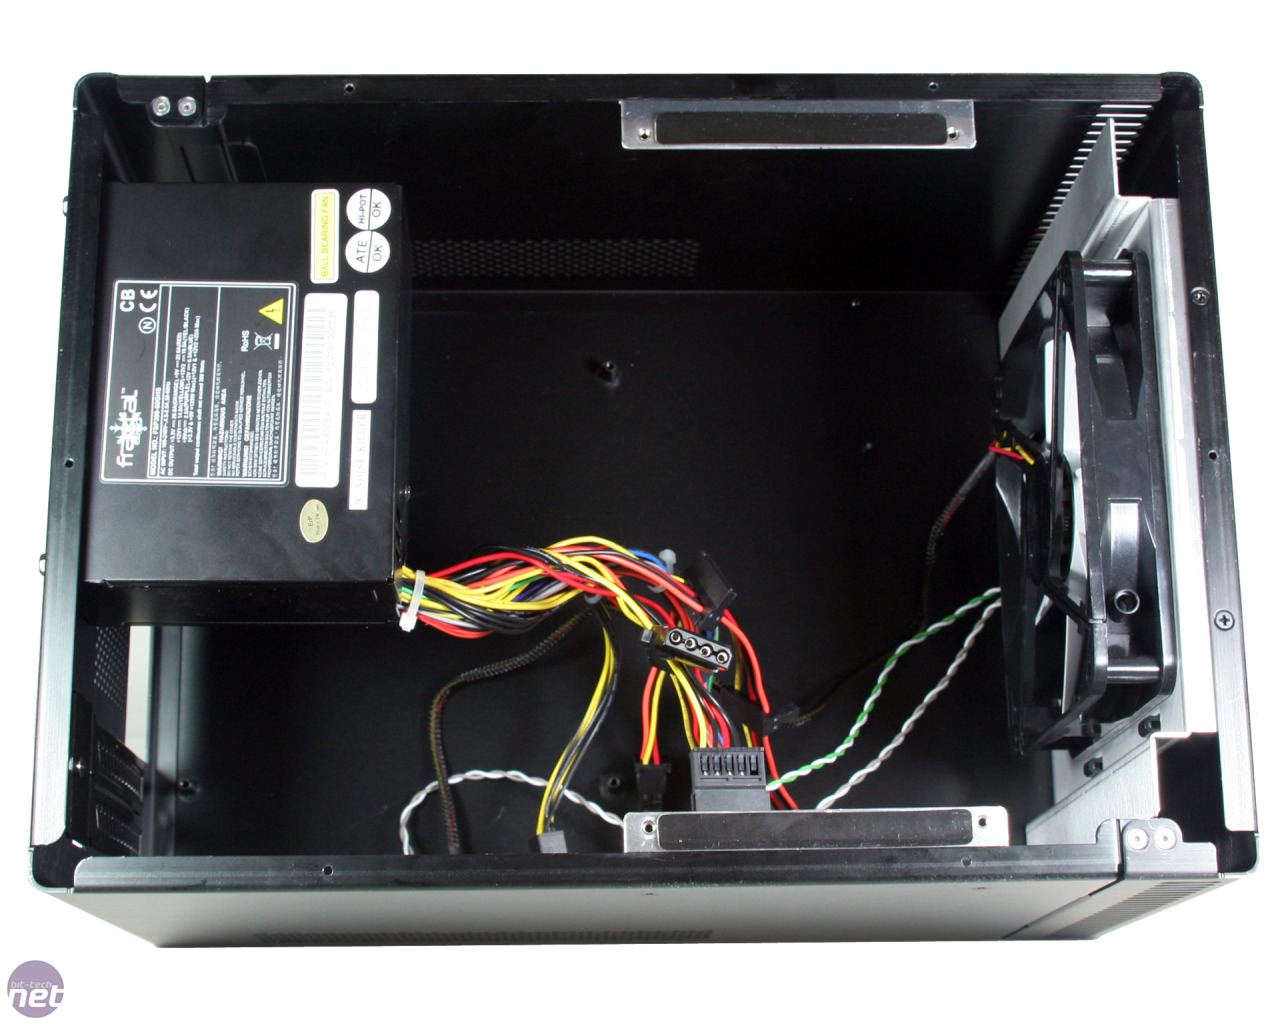 Fractal Design Array R2 Mini Itx Case Review Bit